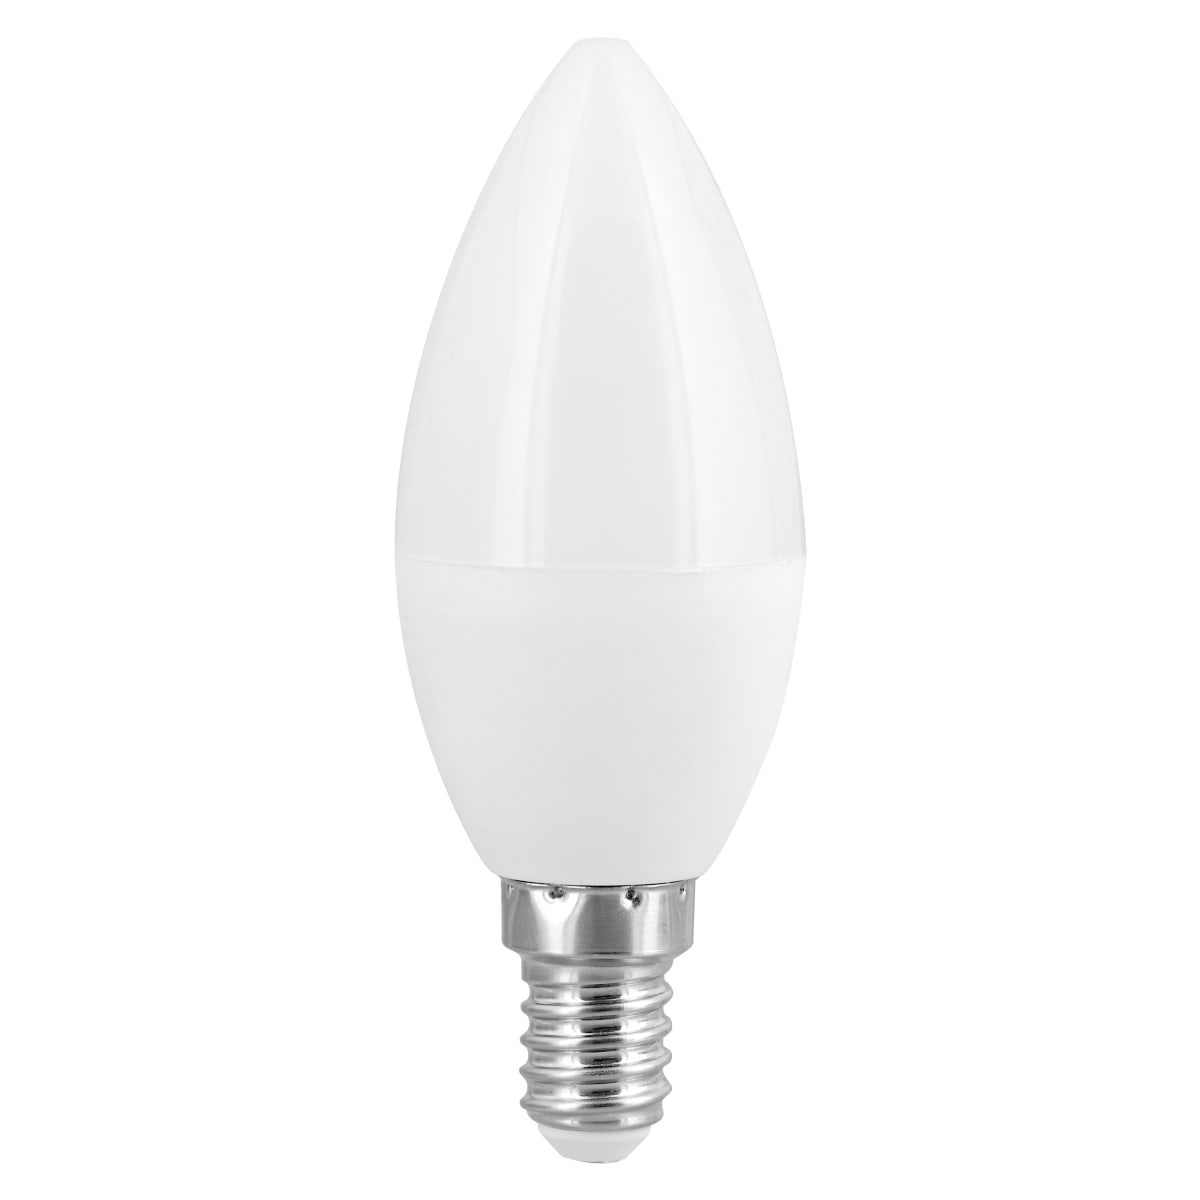 Smart LED bulb 400 Lumens